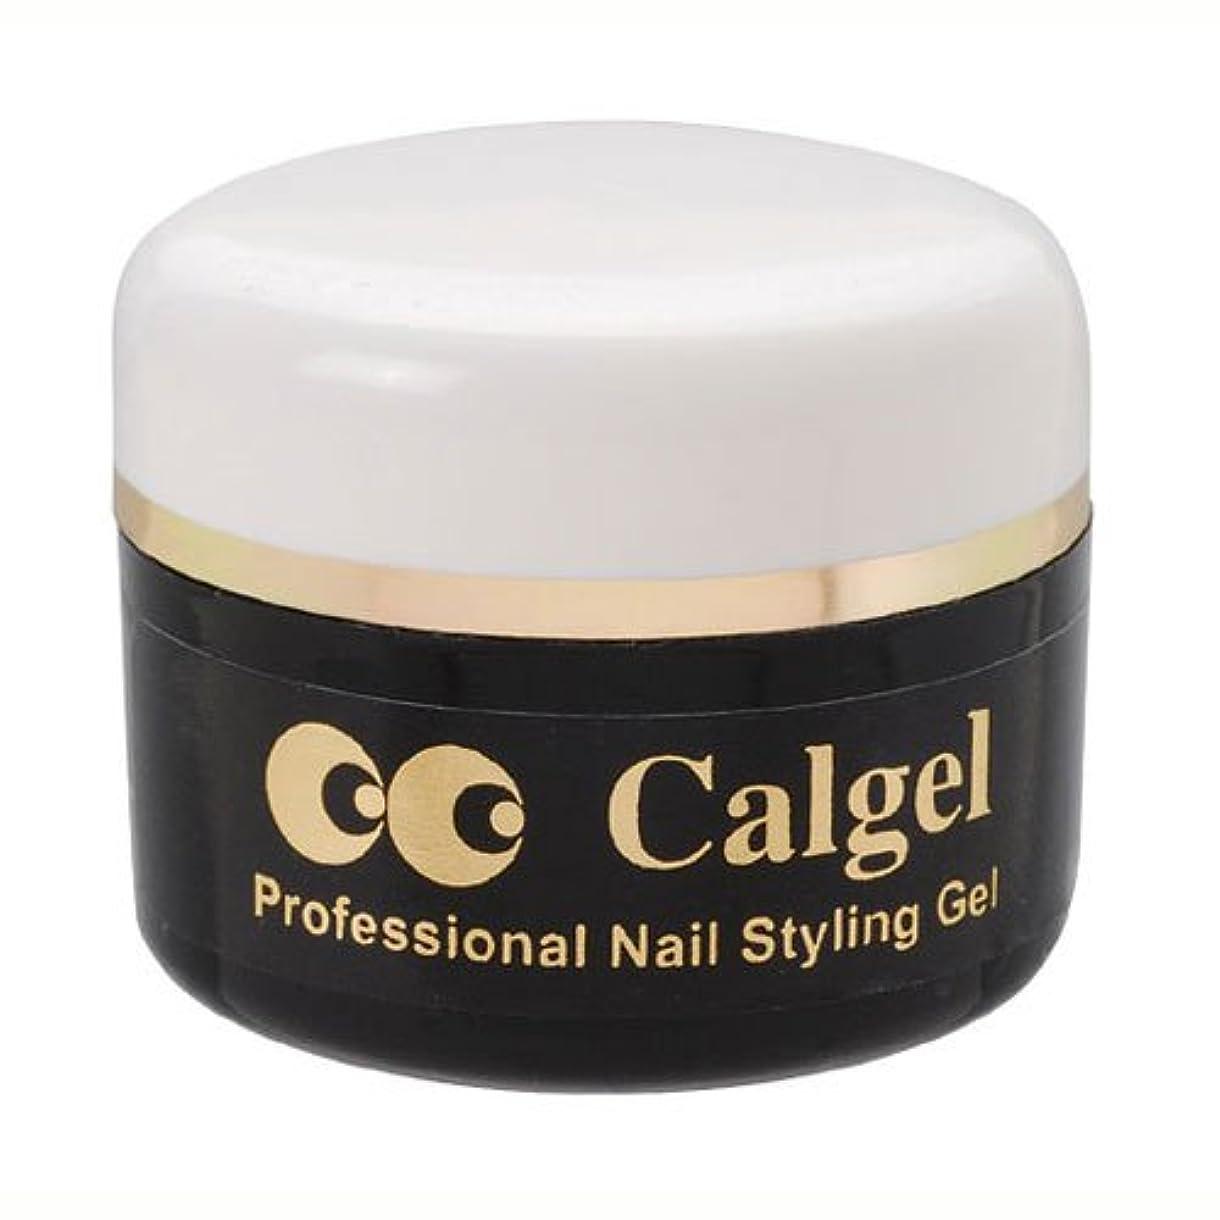 要旨肯定的立場Calgel クリアジェル 10g CG0 ベース/トップジェル